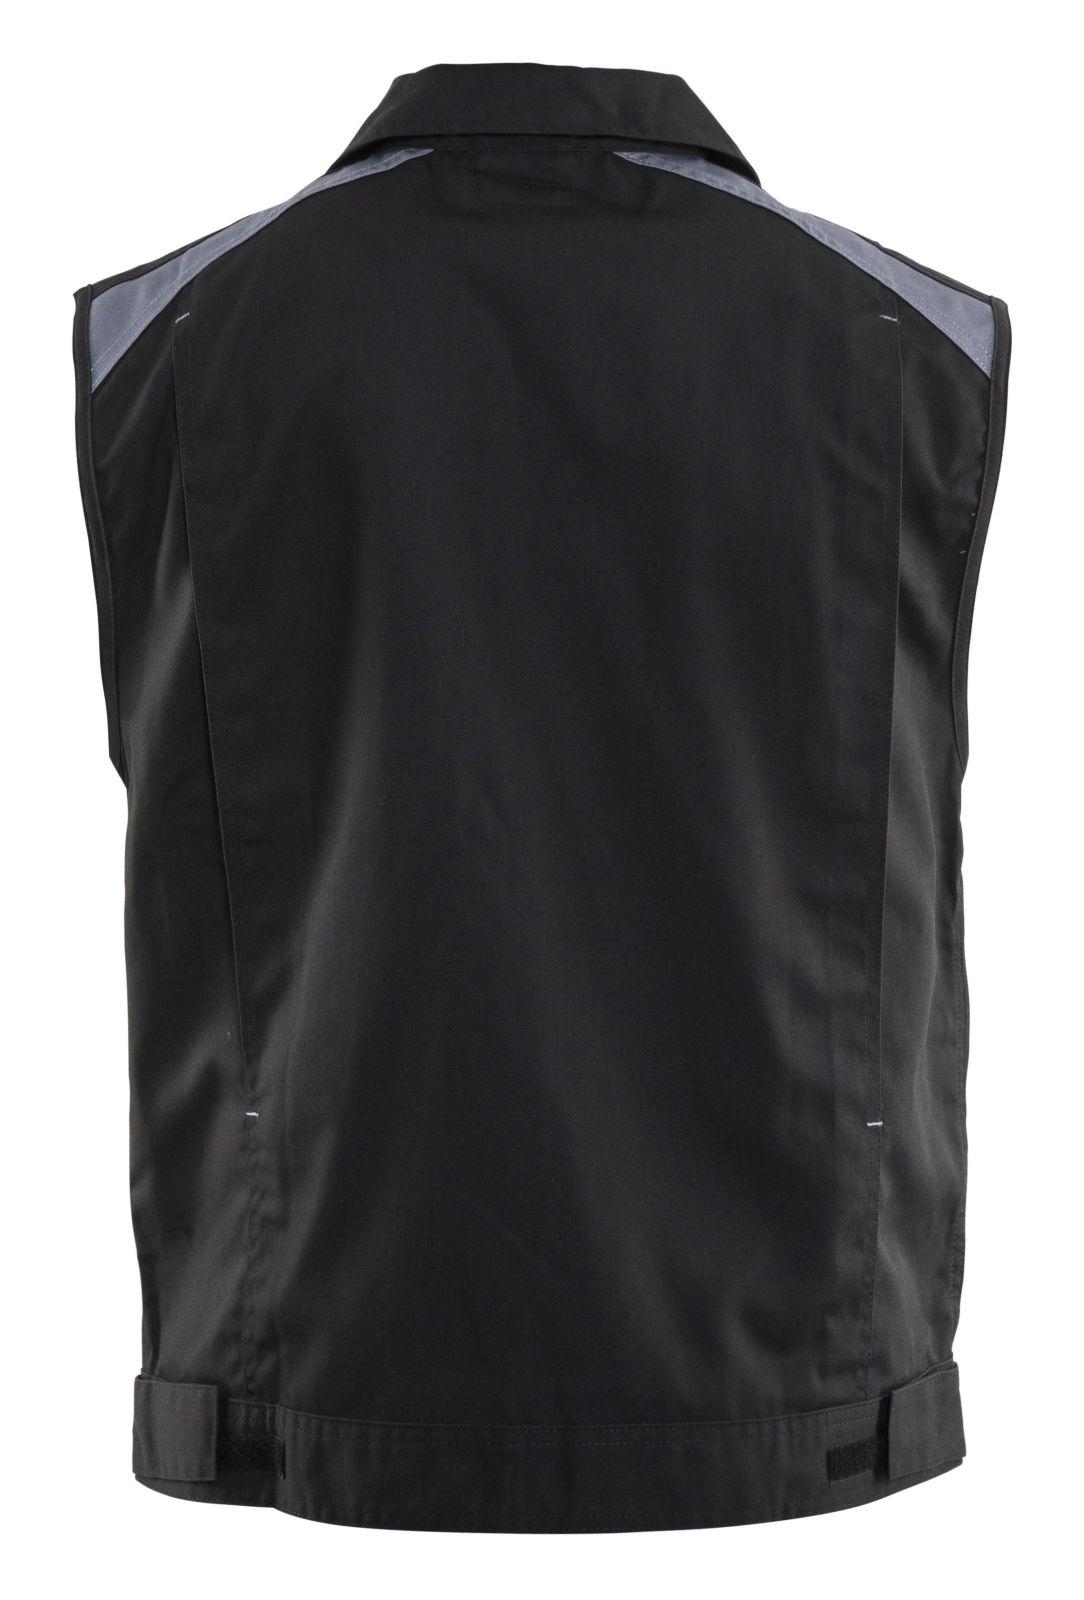 Blaklader Vesten 31641800 zwart-grijs(9994)